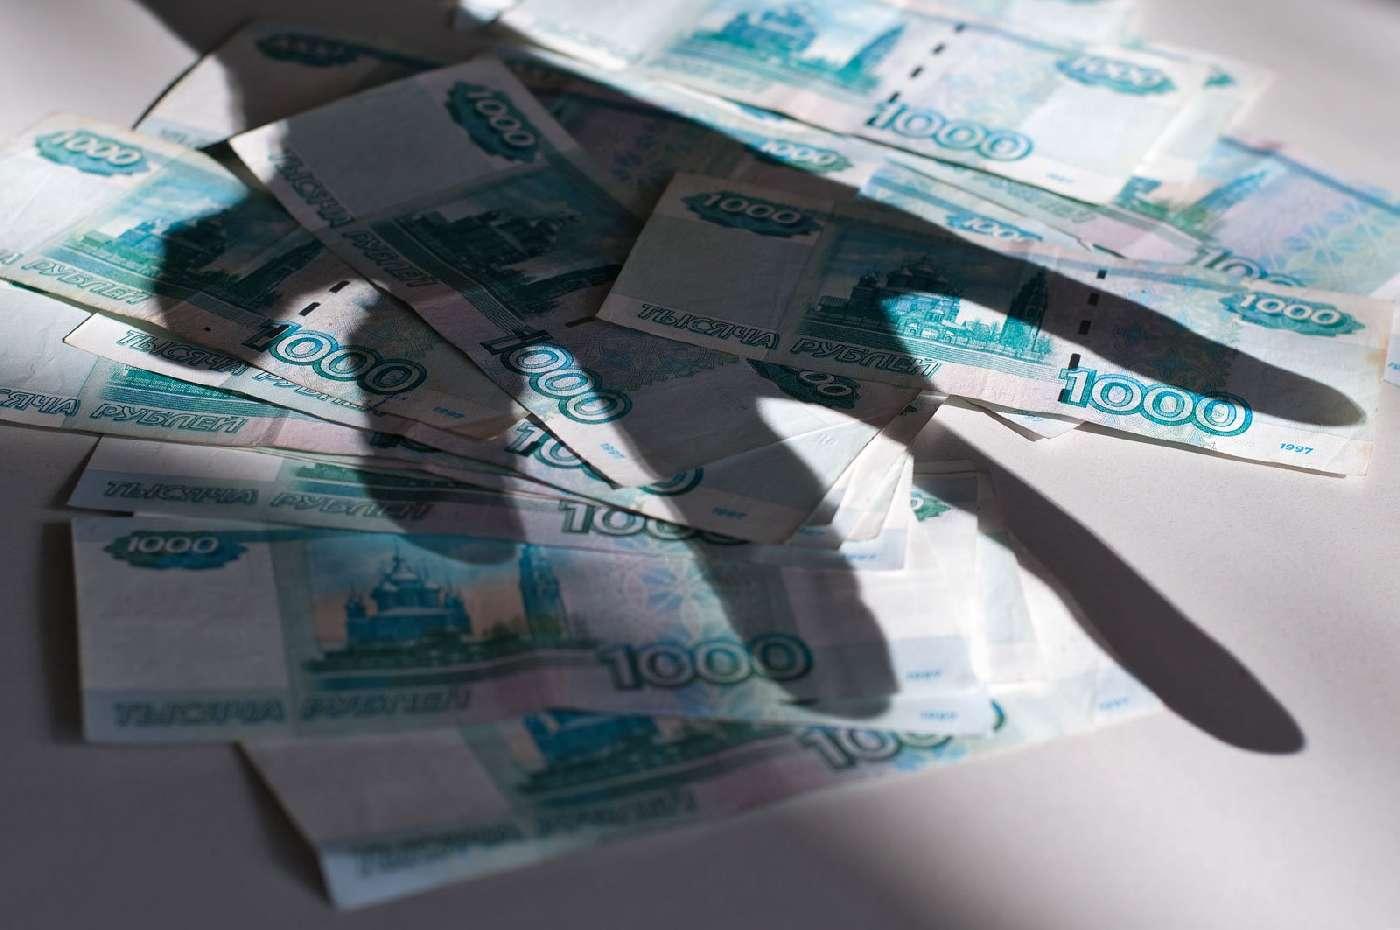 ВЕкатеринбурге осудят предпринимателя, набравшего кредитов на500 млн